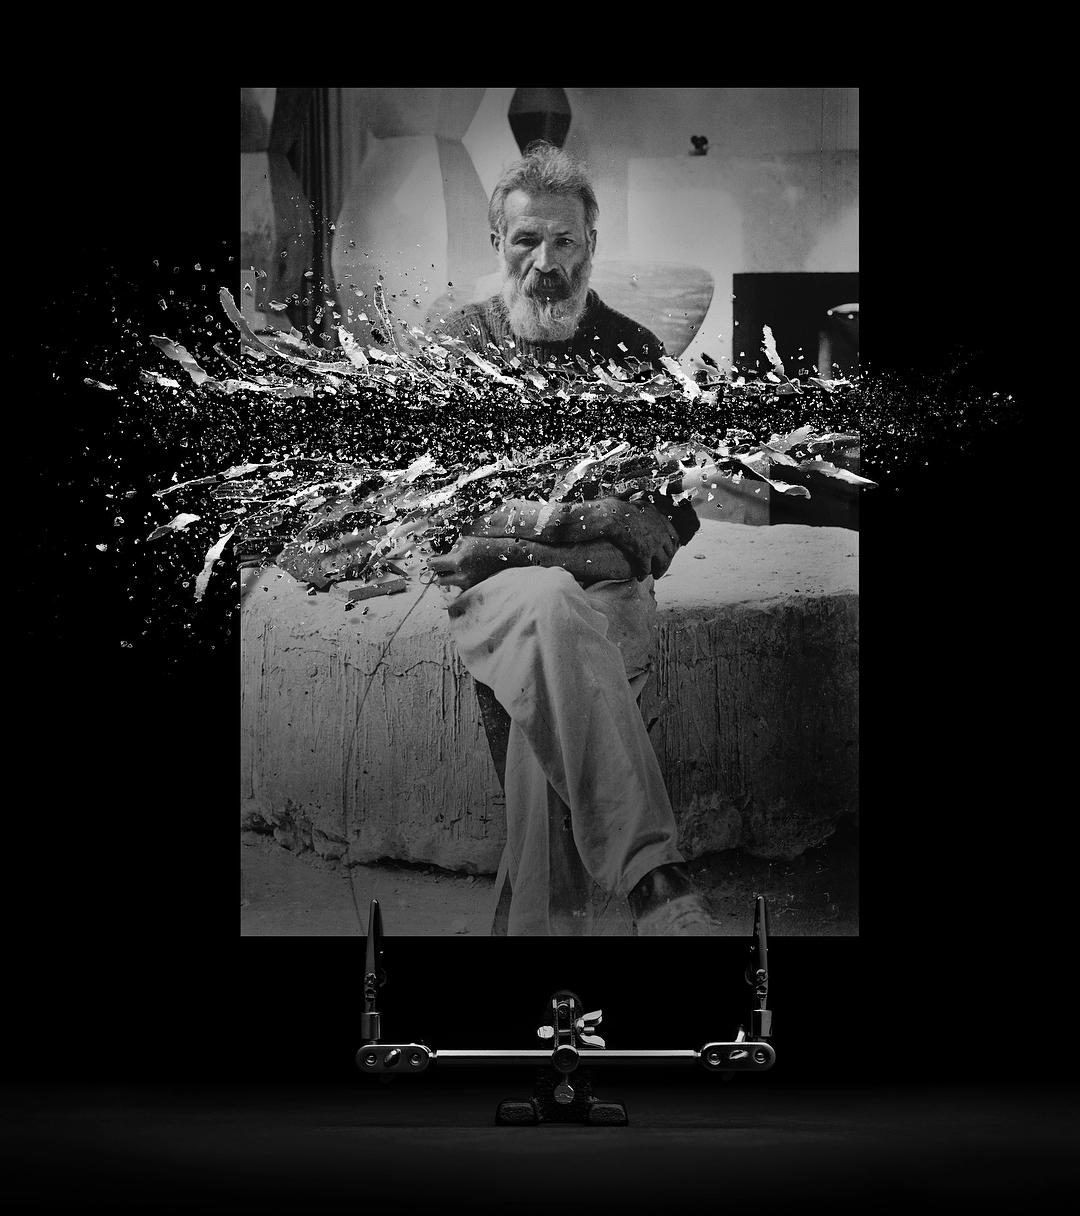 © Fabian Oefner | Pentru această fotografie am folosit o imagine (autoportret, n.r.) realizată de faimosul sculptor Constantin Brancusi. Dacă vă uitați cu atenție, puteți vedea firul declanșatorului aparatului de fotografiat, pe care acesta îl ține în mâna stângă. Îmi place tensiunea creată între aspectul său calm, aproape absent și puterea cinetică a materialului care se dispersează spre exterior.